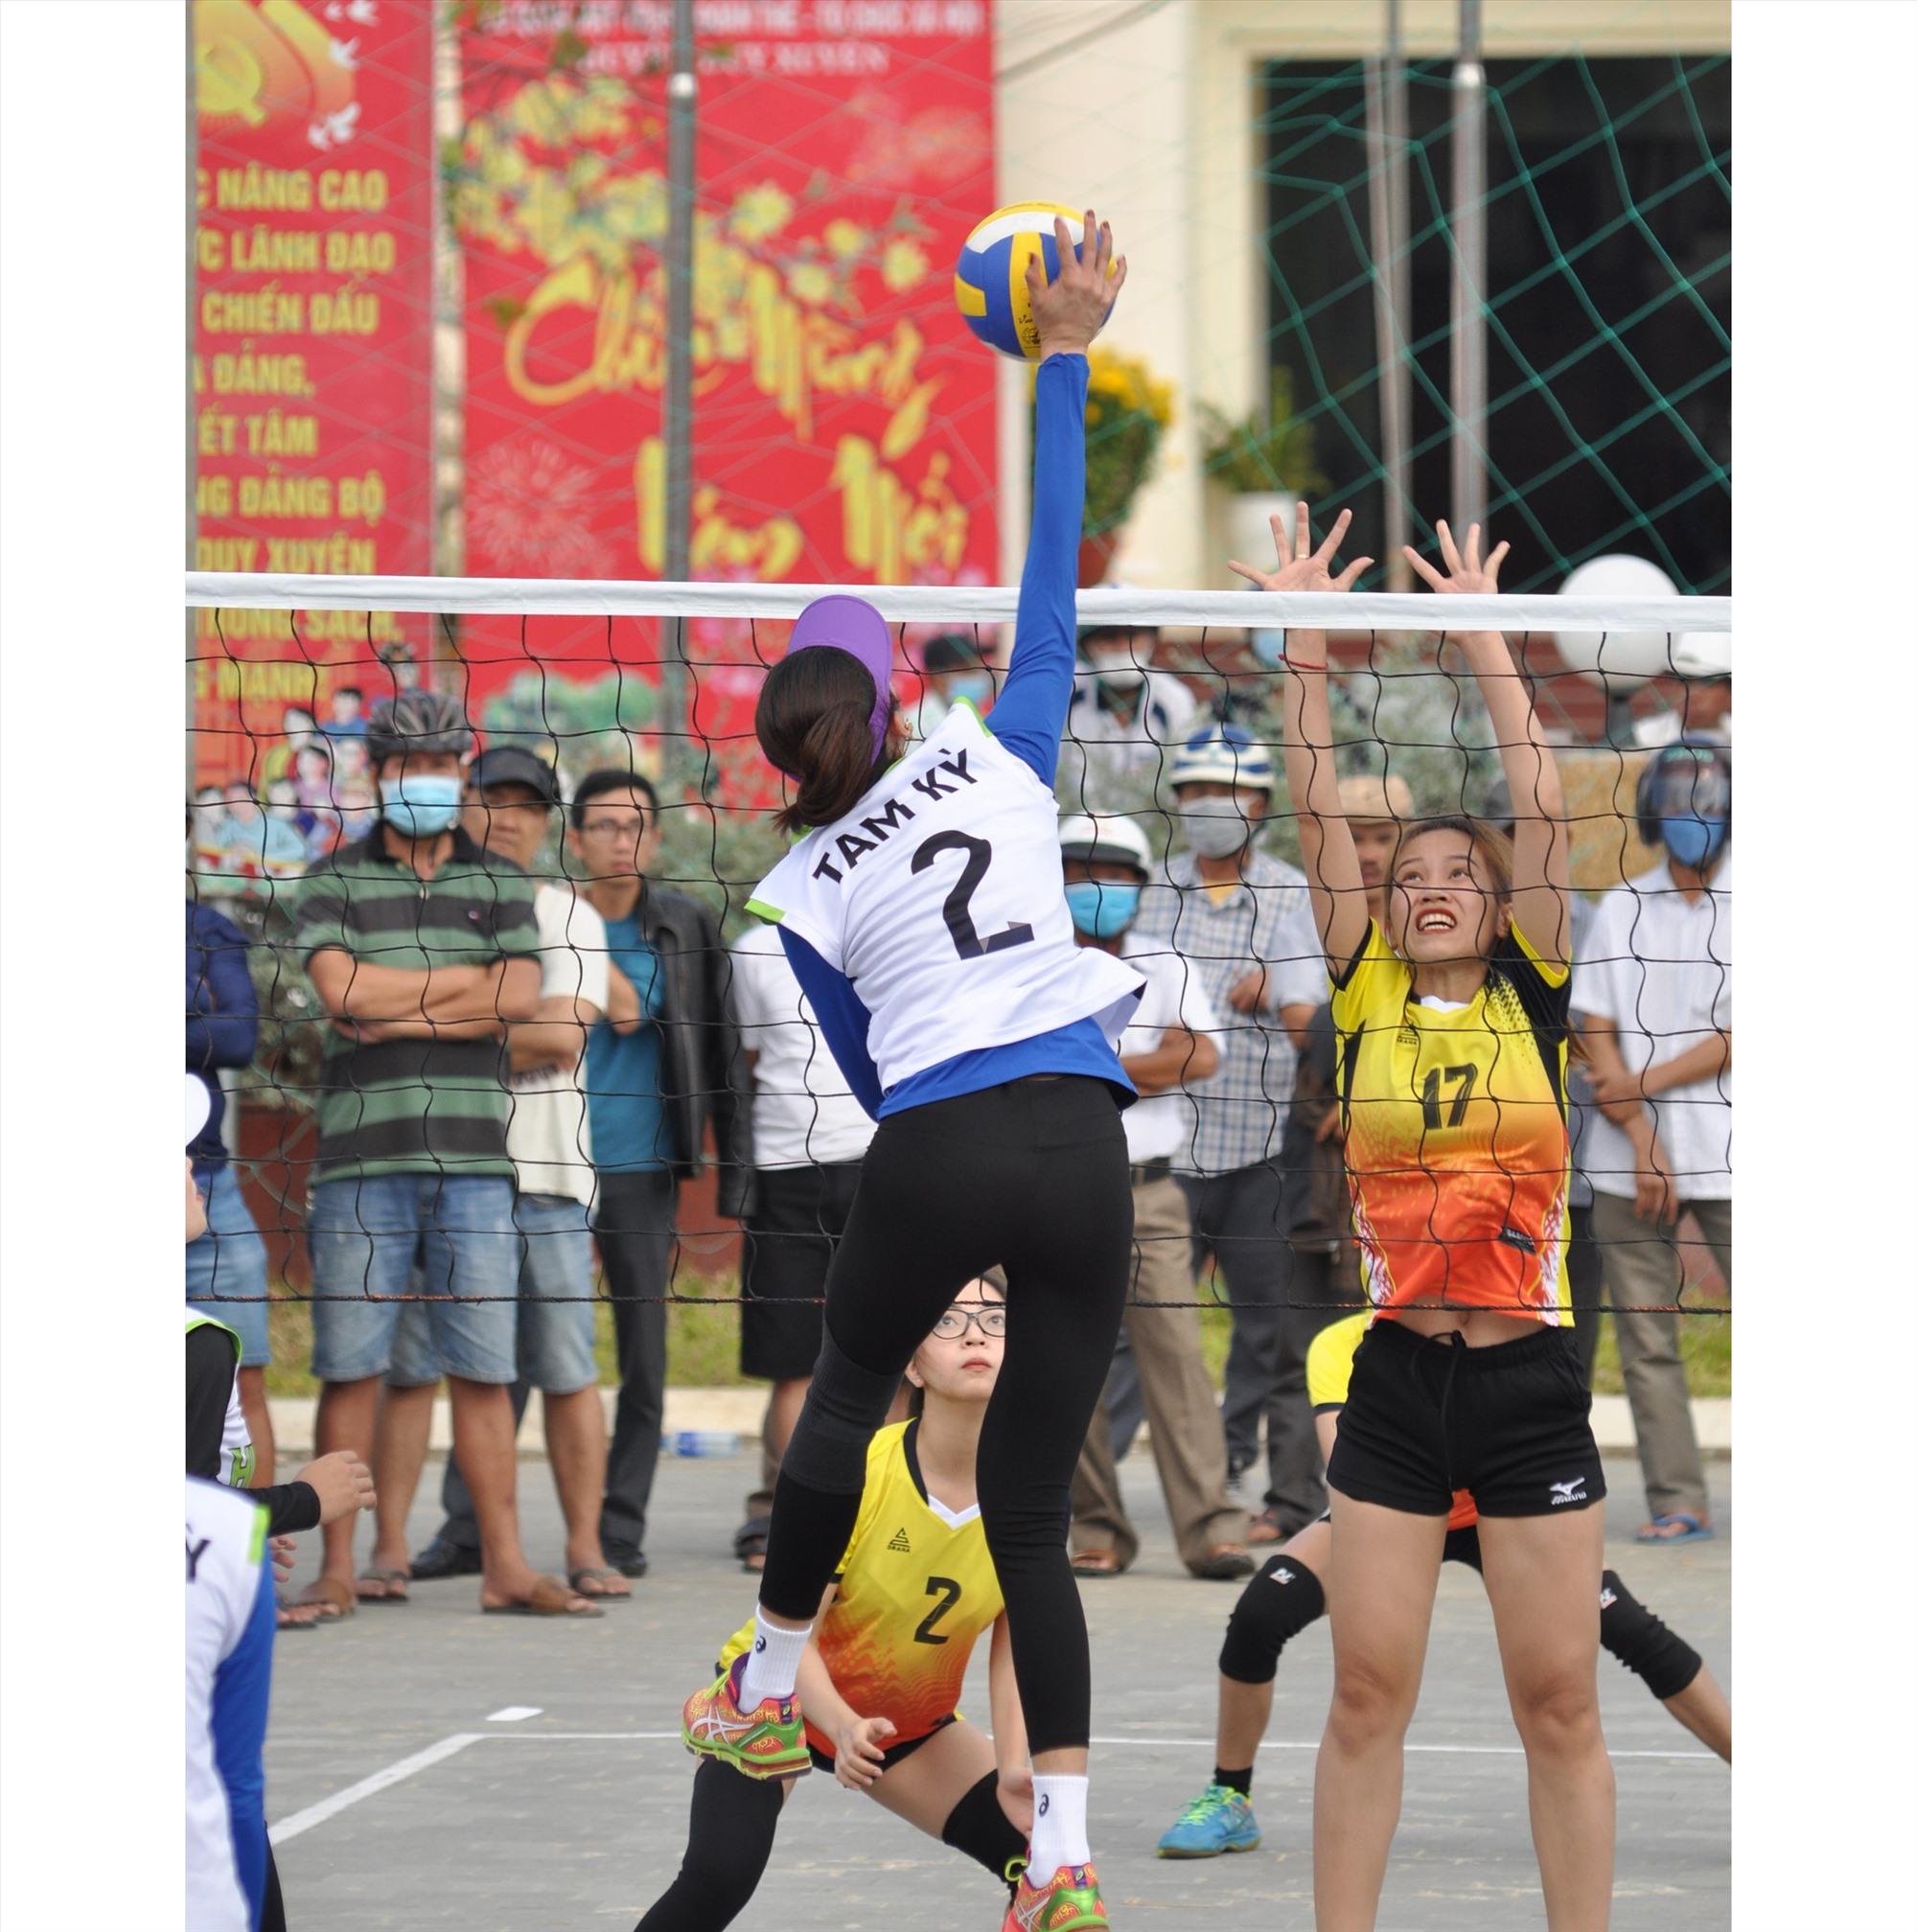 Đương kim vô địch Tam Kỳ gặp Quế Sơn trong trận mở màn. Ảnh: T.V